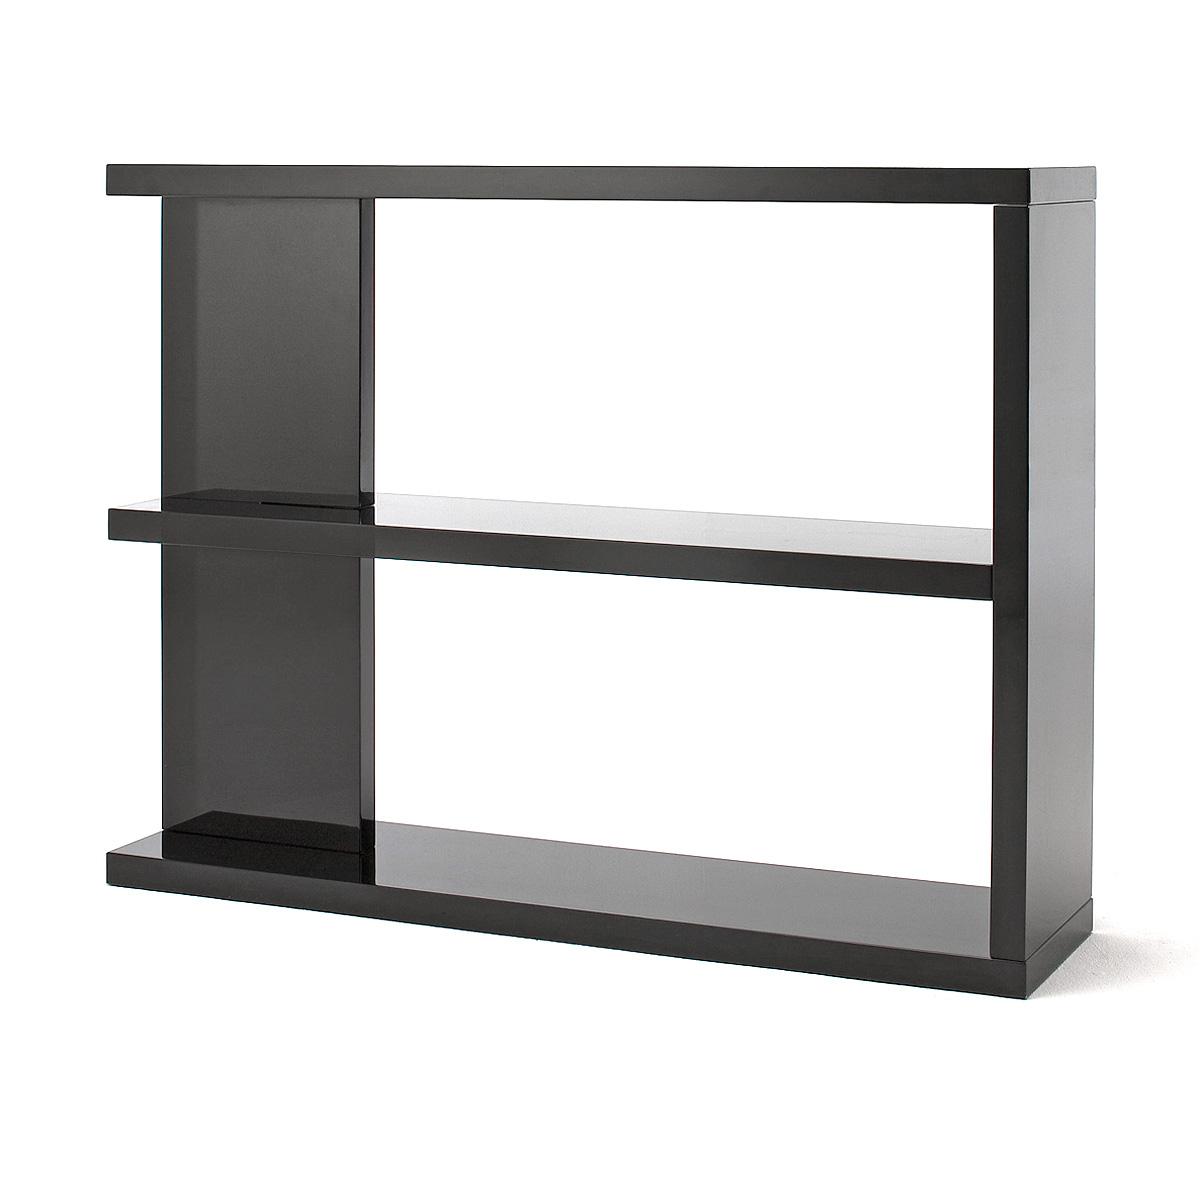 raumteiler tunis b cherregal regal in hochglanz schwarz ebay. Black Bedroom Furniture Sets. Home Design Ideas